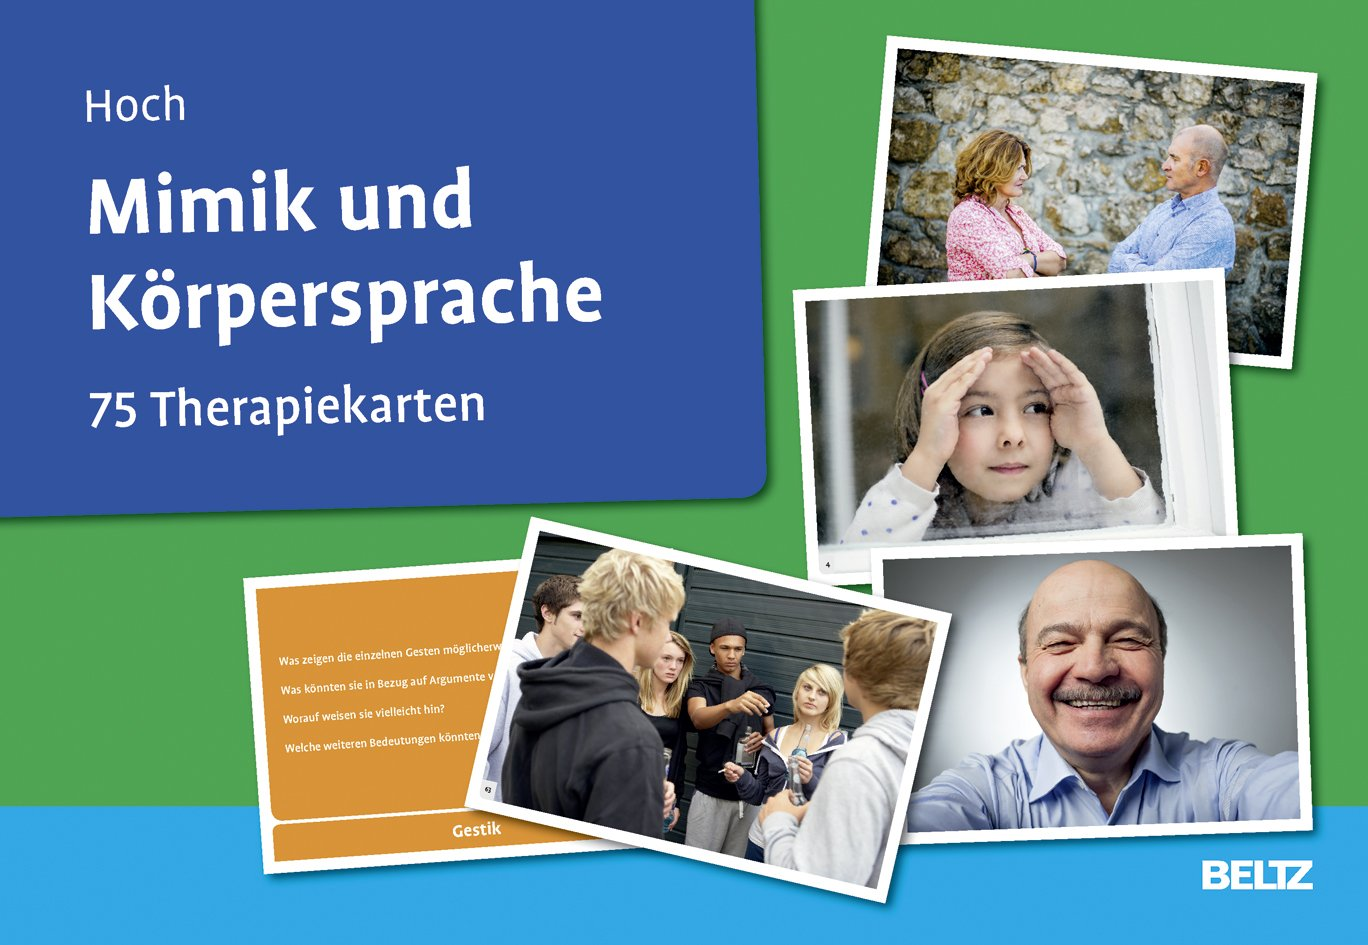 Mimik und Körpersprache: 75 Therapiekarten mit 36-seitigem Booklet